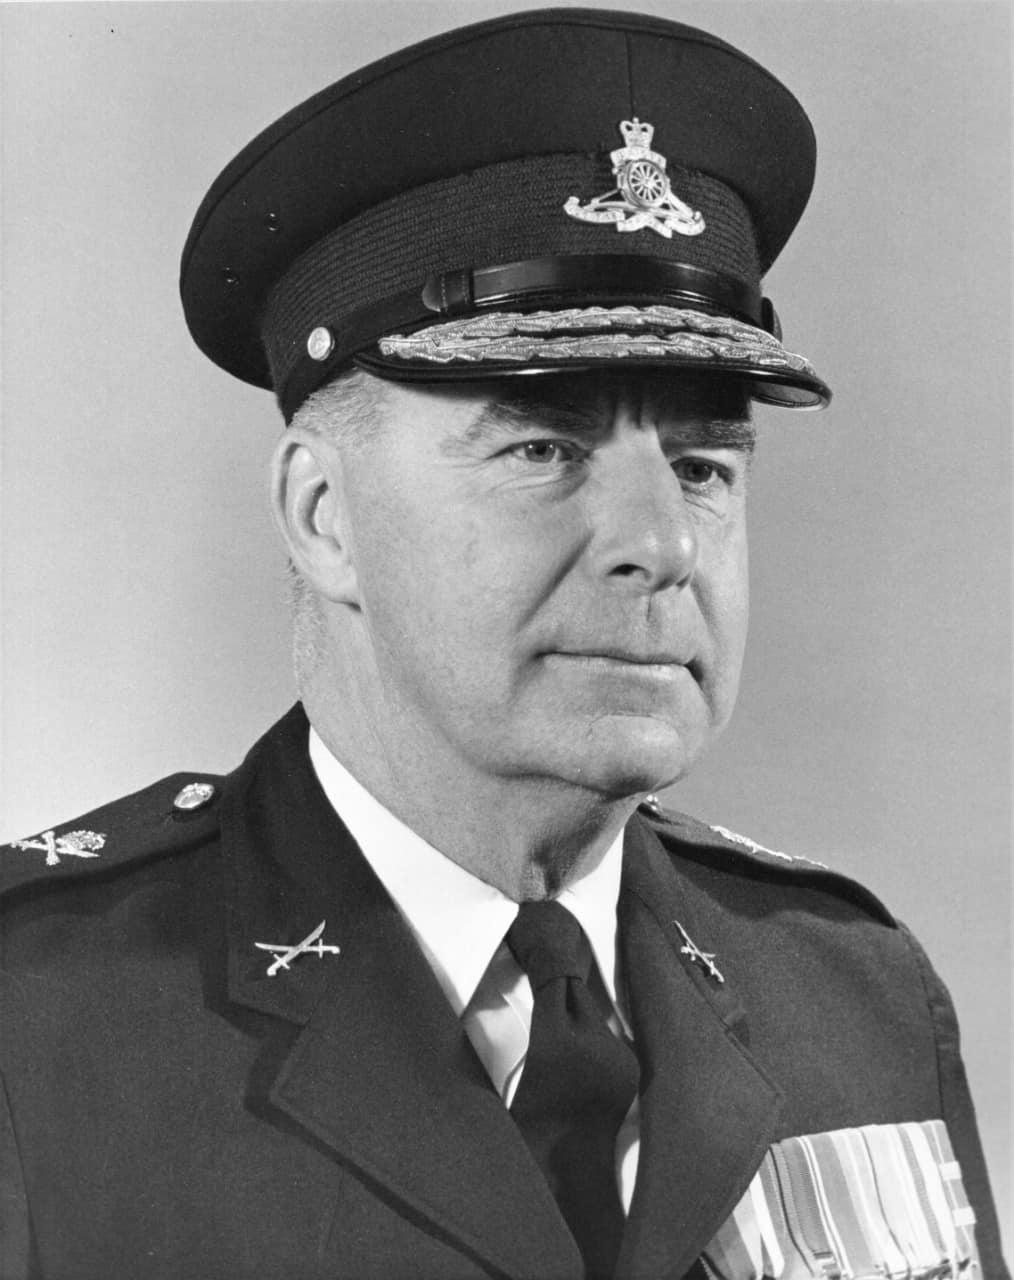 Brigadier-General-W.W.-Turner-CD-1921-–-2016